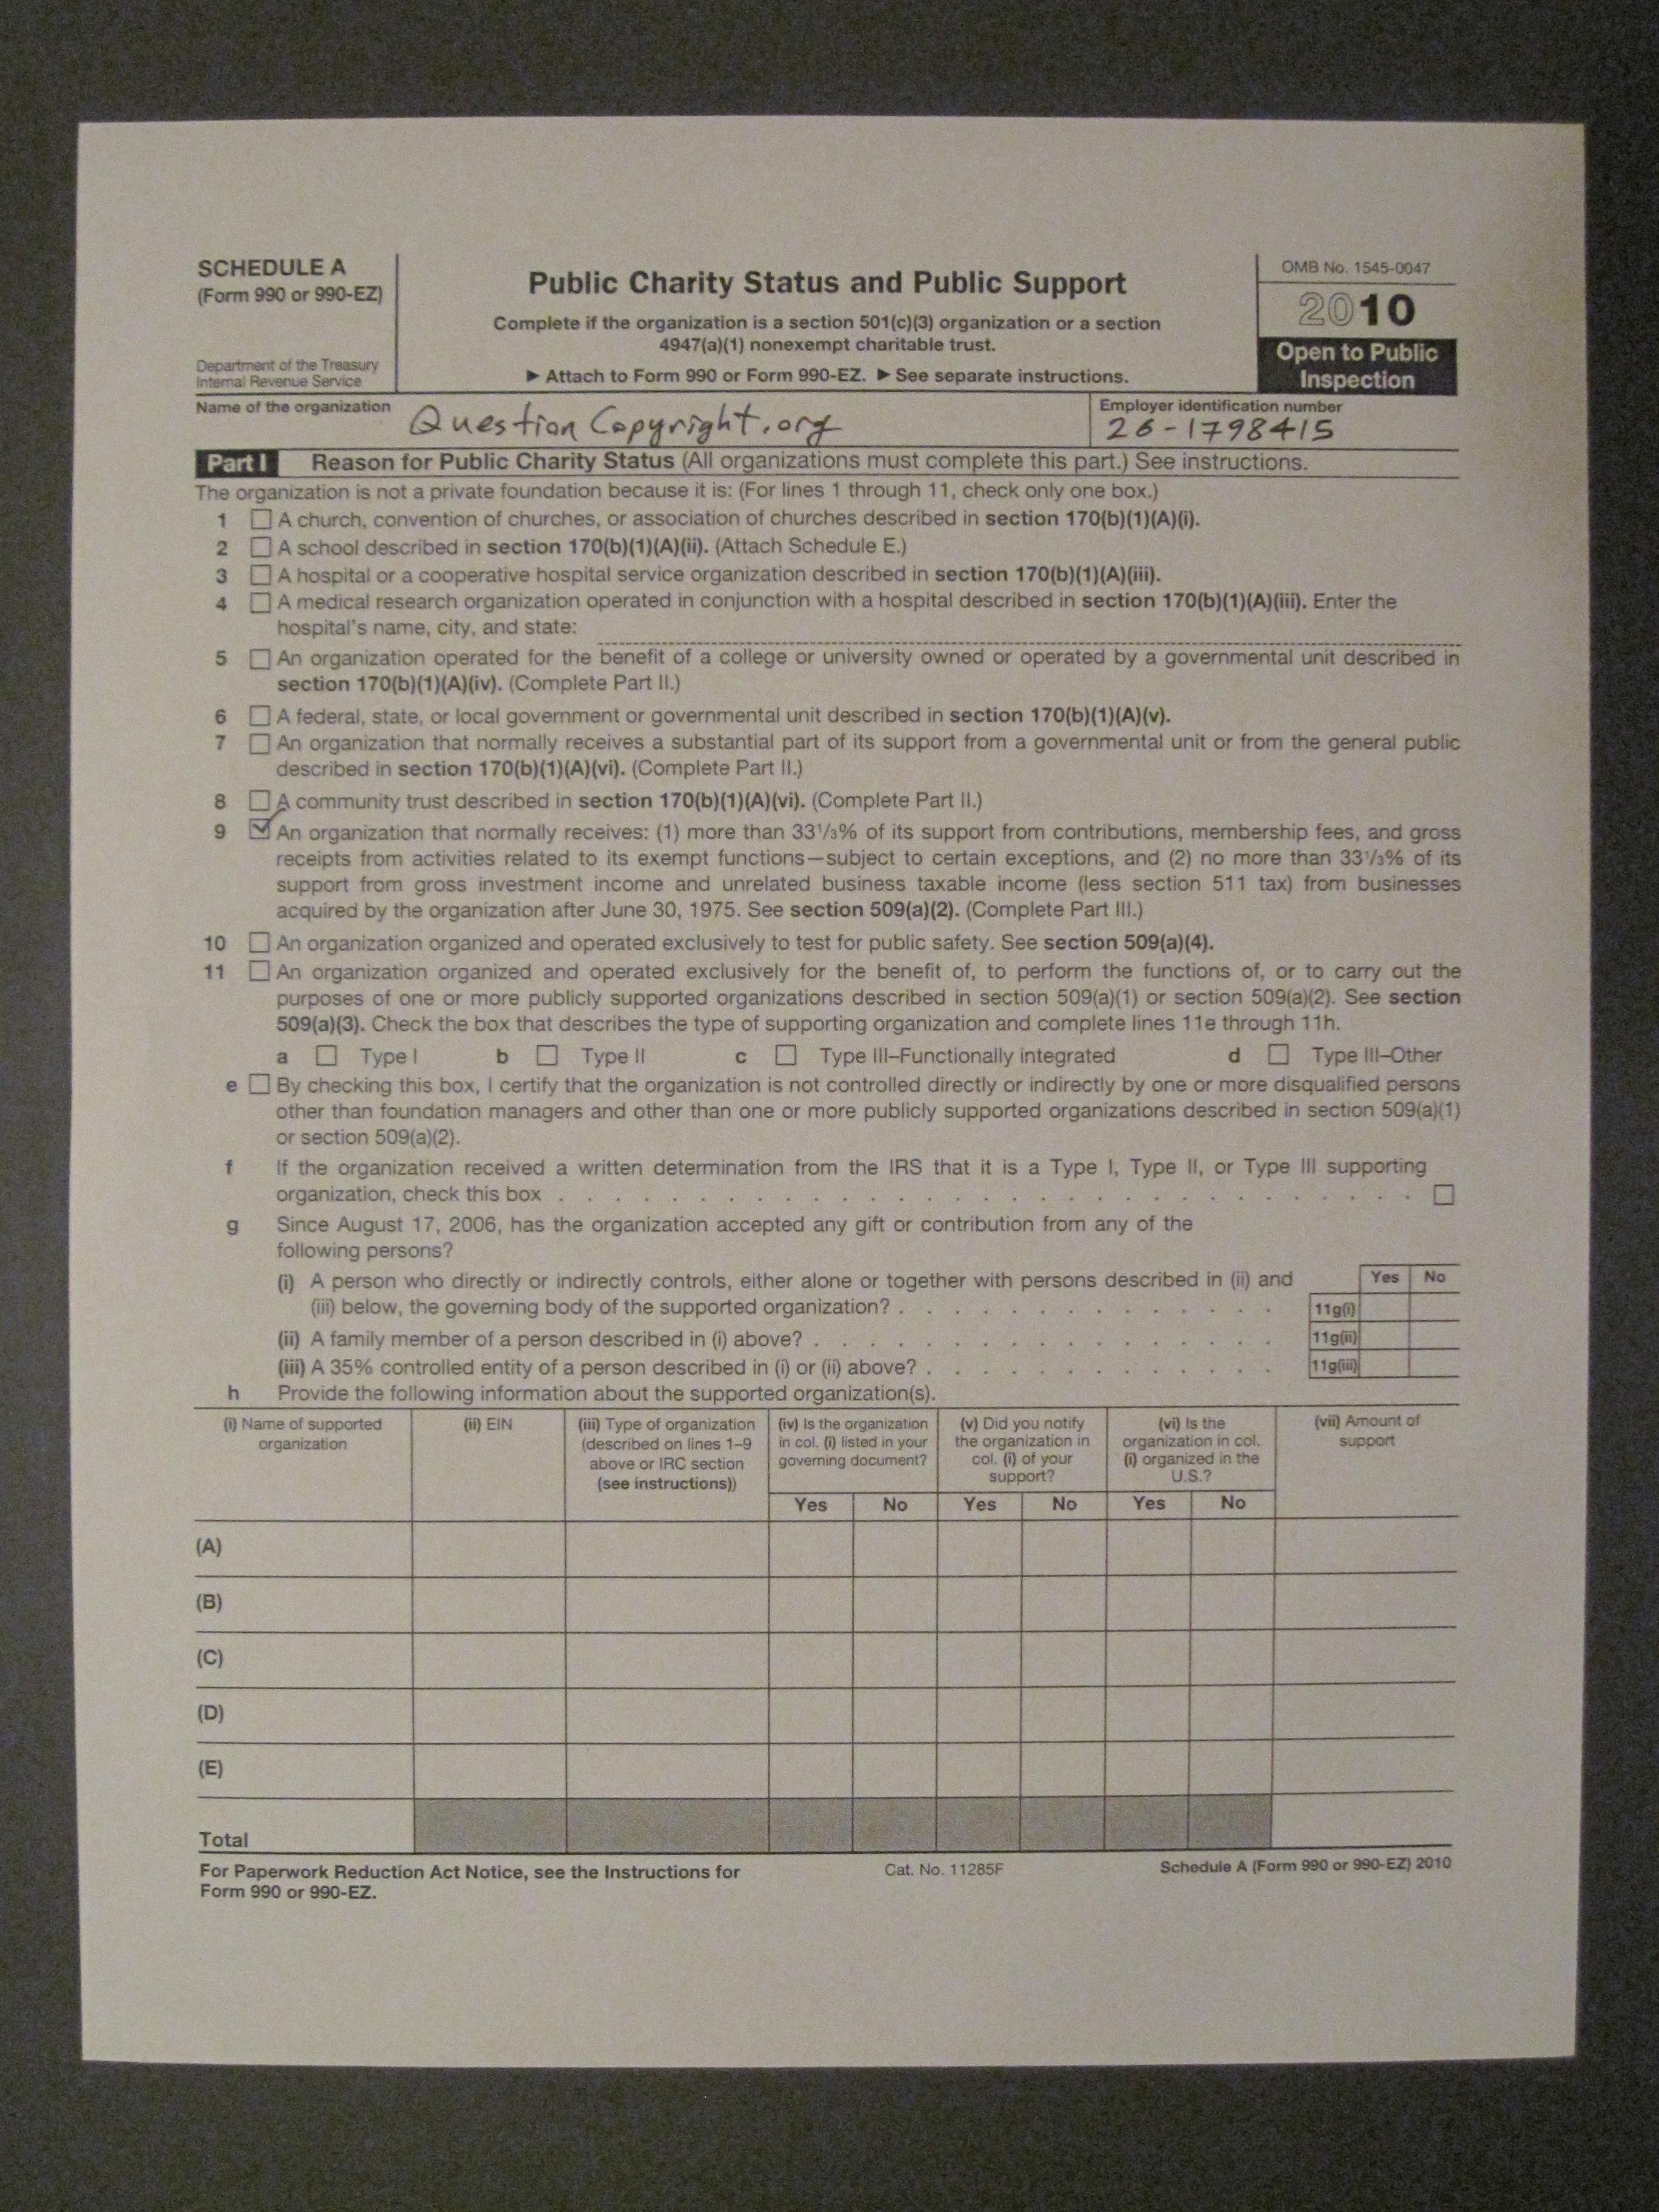 Corporate documents tax returns etc questioncopyright 2010 990 ez schedule a page 1 falaconquin